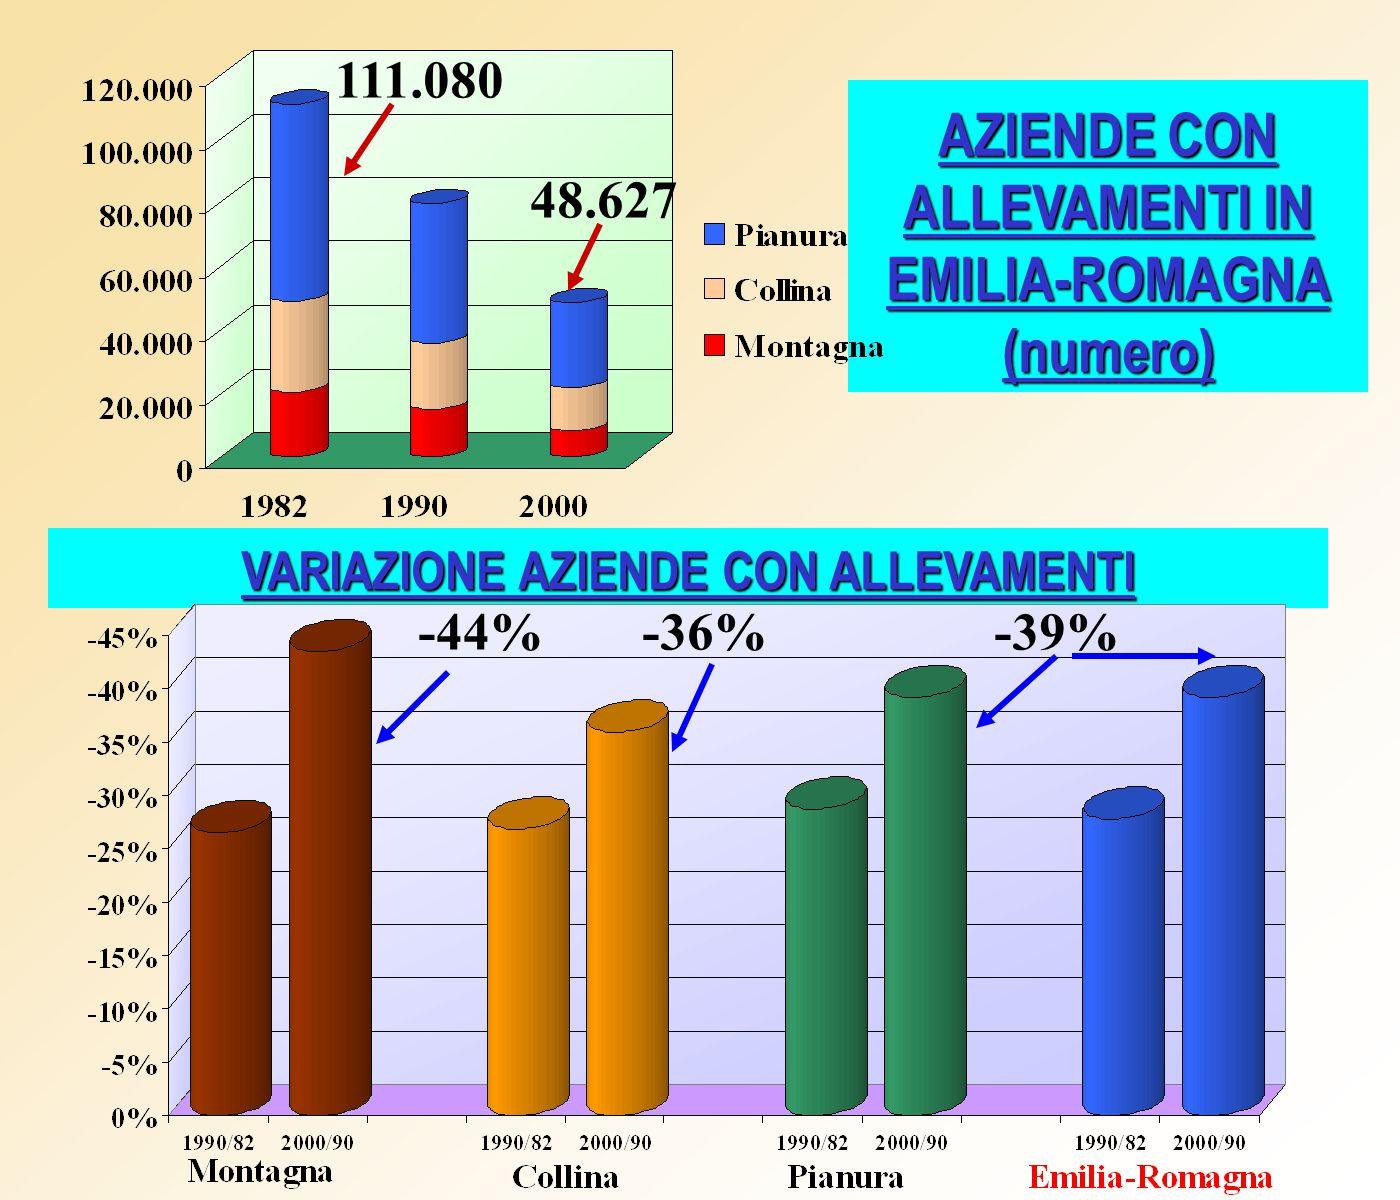 AZIENDE CON ALLEVAMENTI IN EMILIA-ROMAGNA (numero) VARIAZIONE AZIENDE CON ALLEVAMENTI 48.627 111.080 -44%-36%-39%